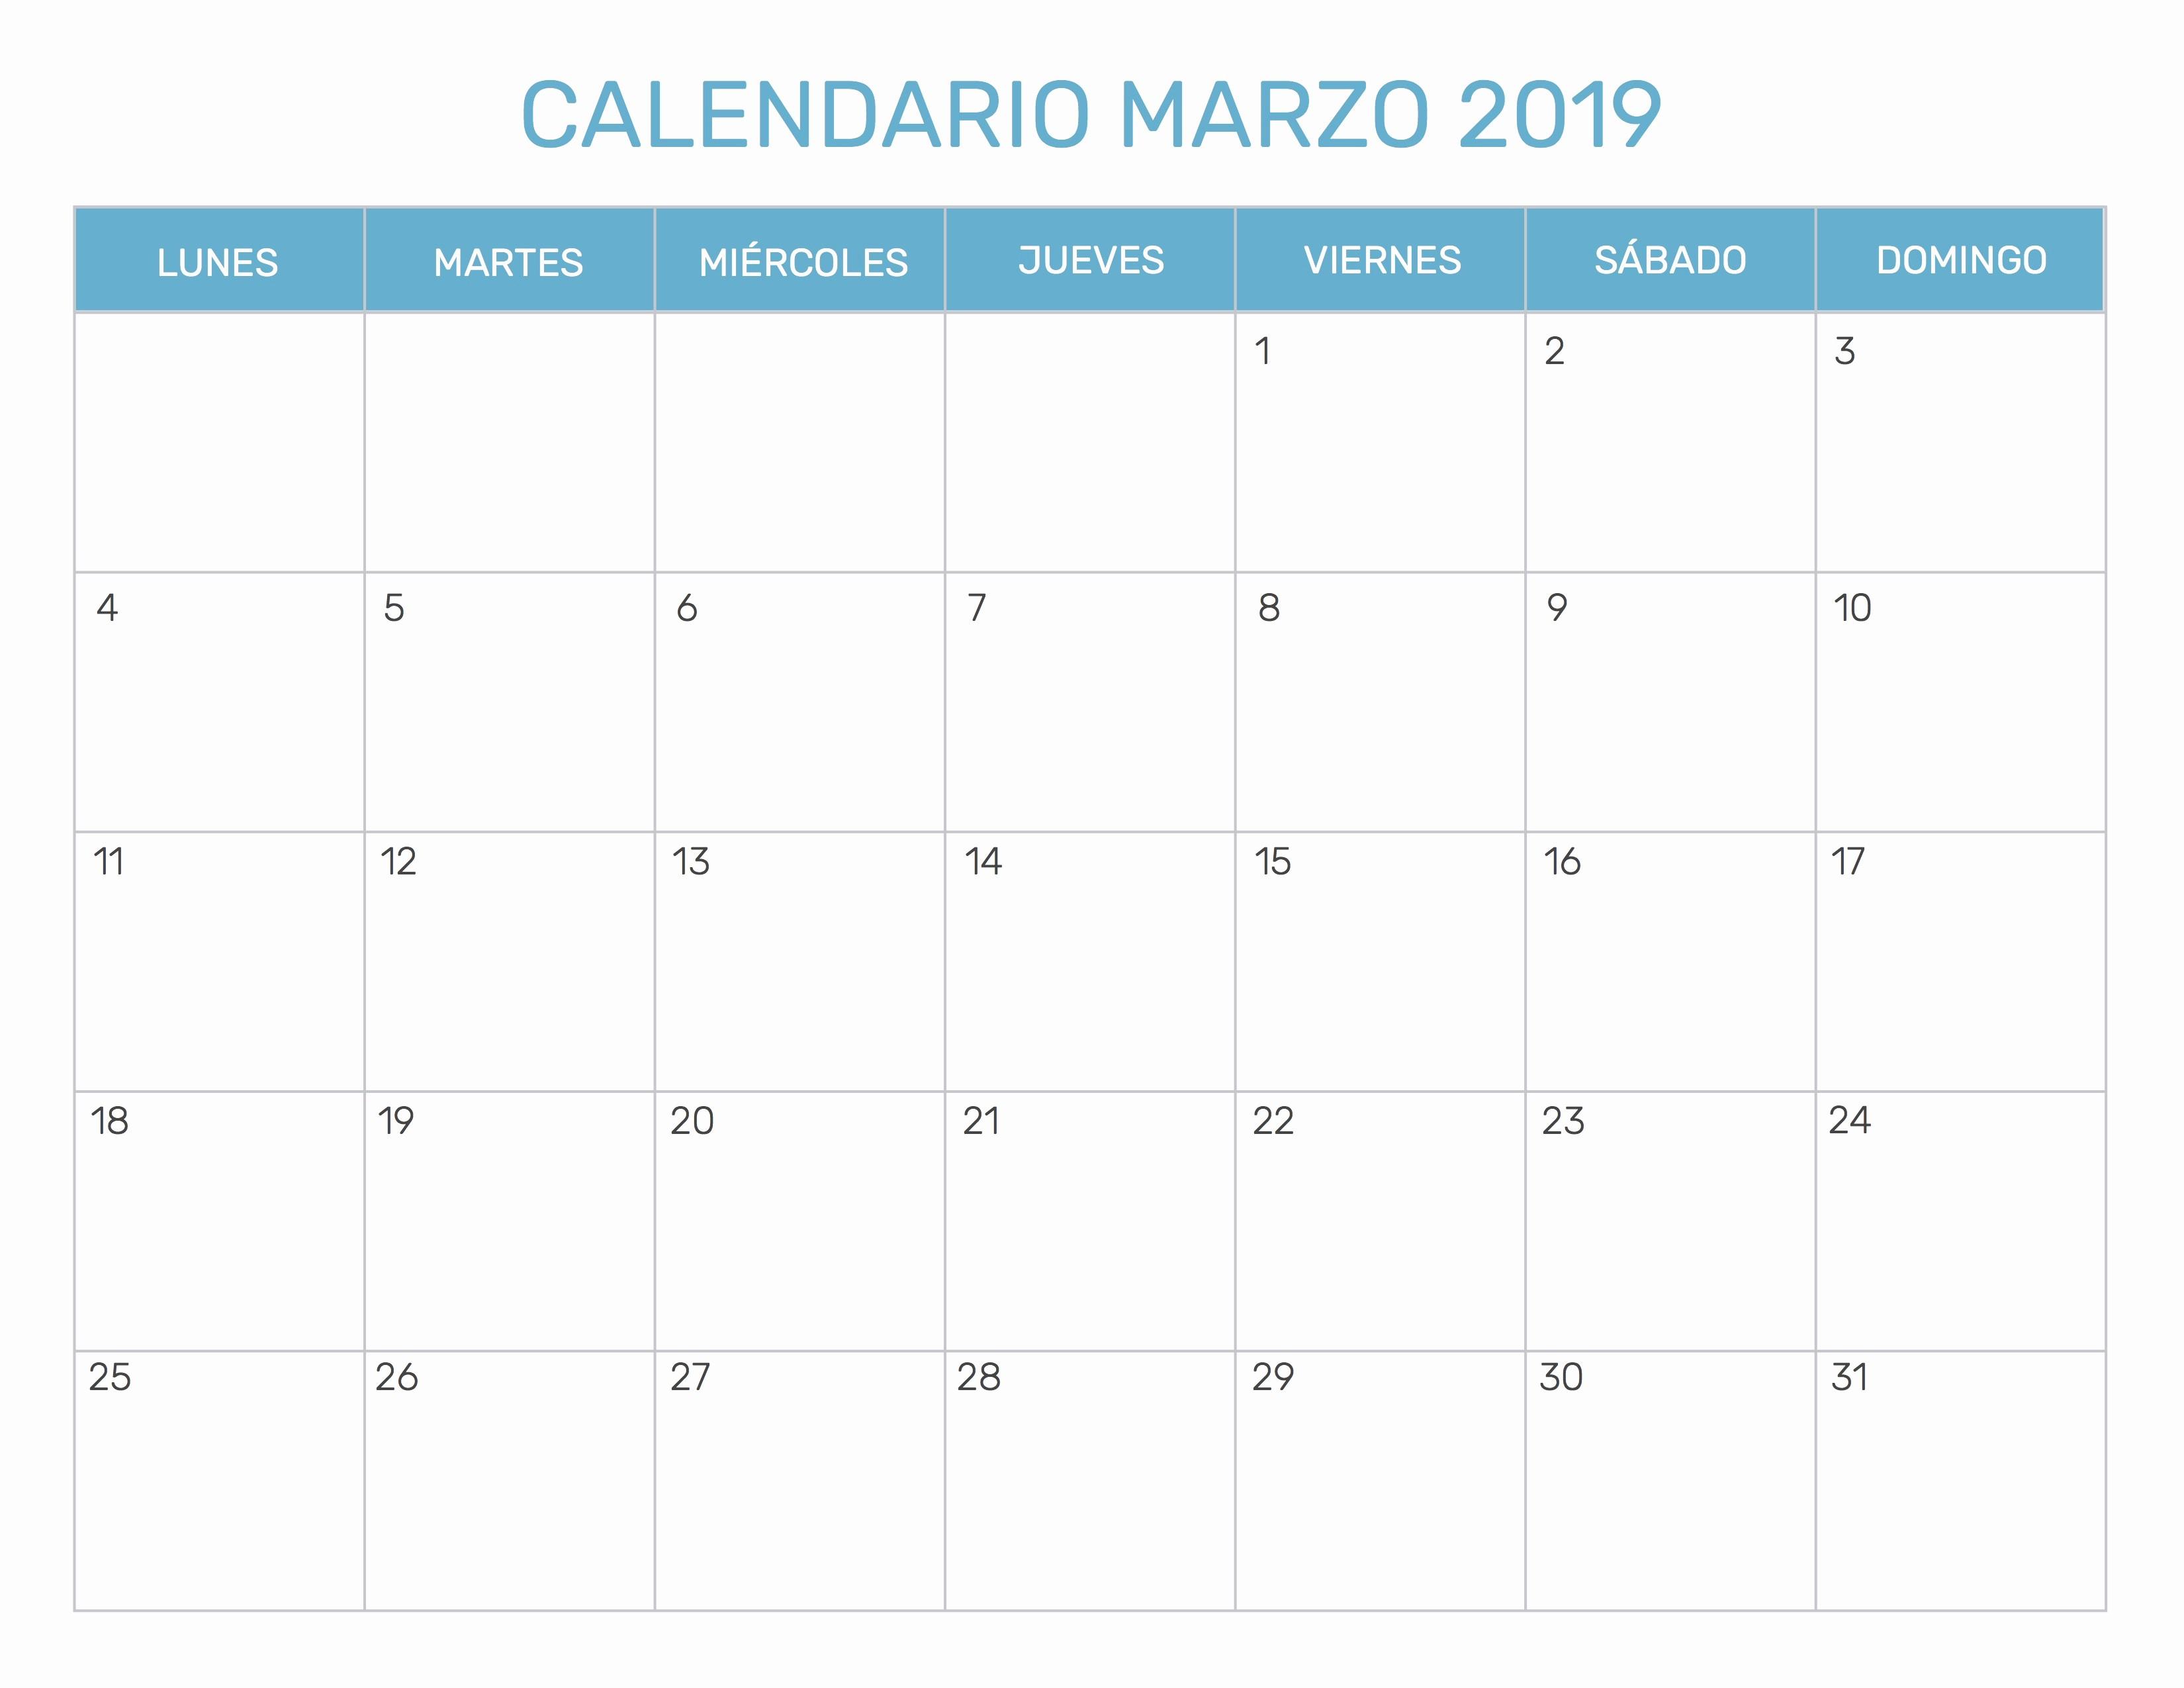 calendario de julio para imprimir 2019 calendario de julio para imprimir 2019 calendario mensual para imprimir ano 2019 1